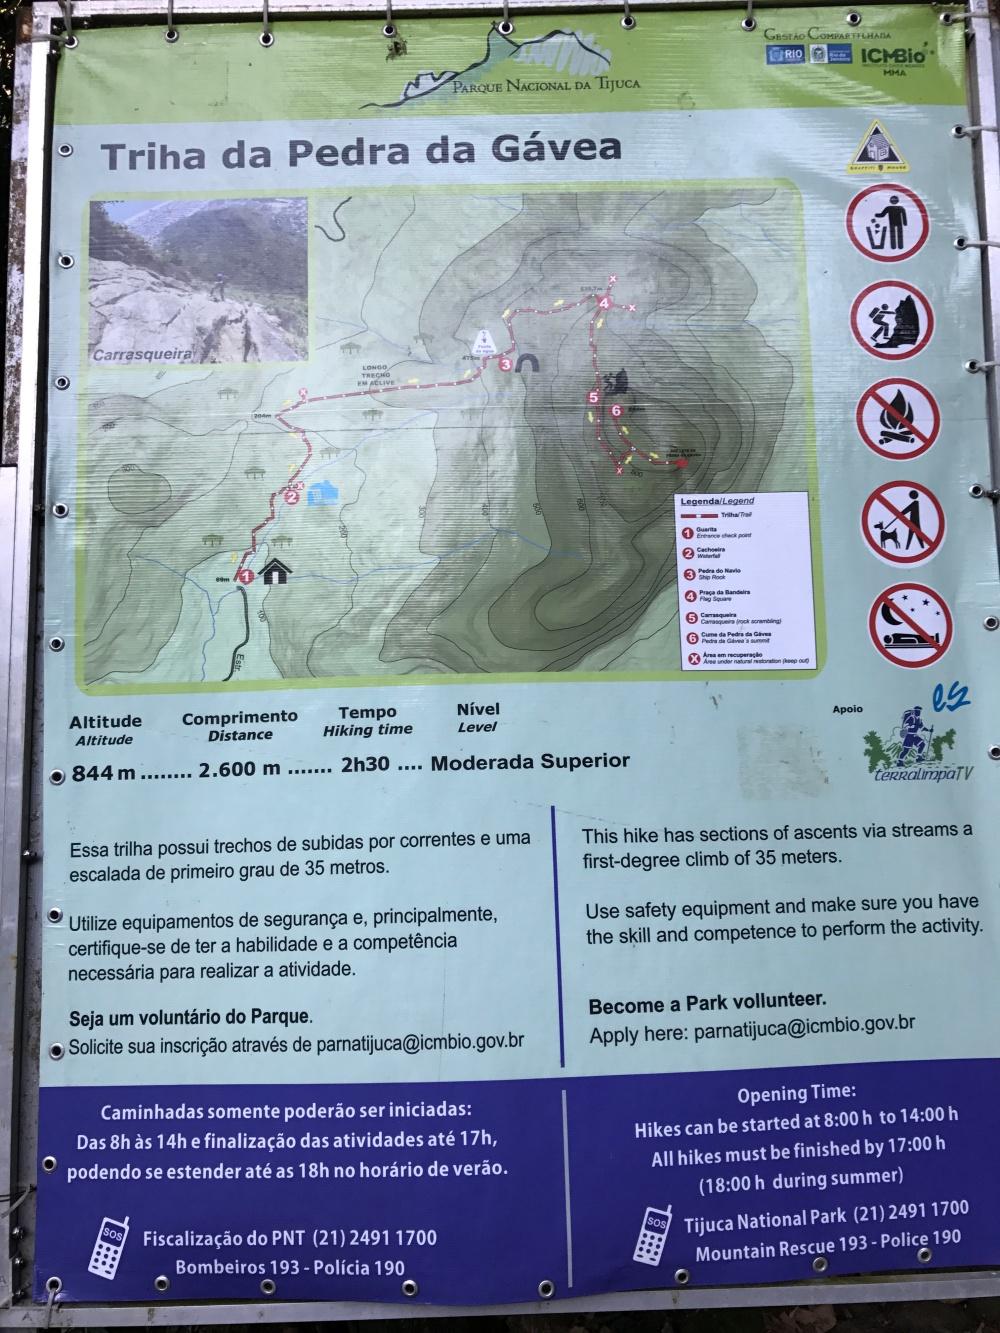 Mapa da trilha da PEdra da Gávea